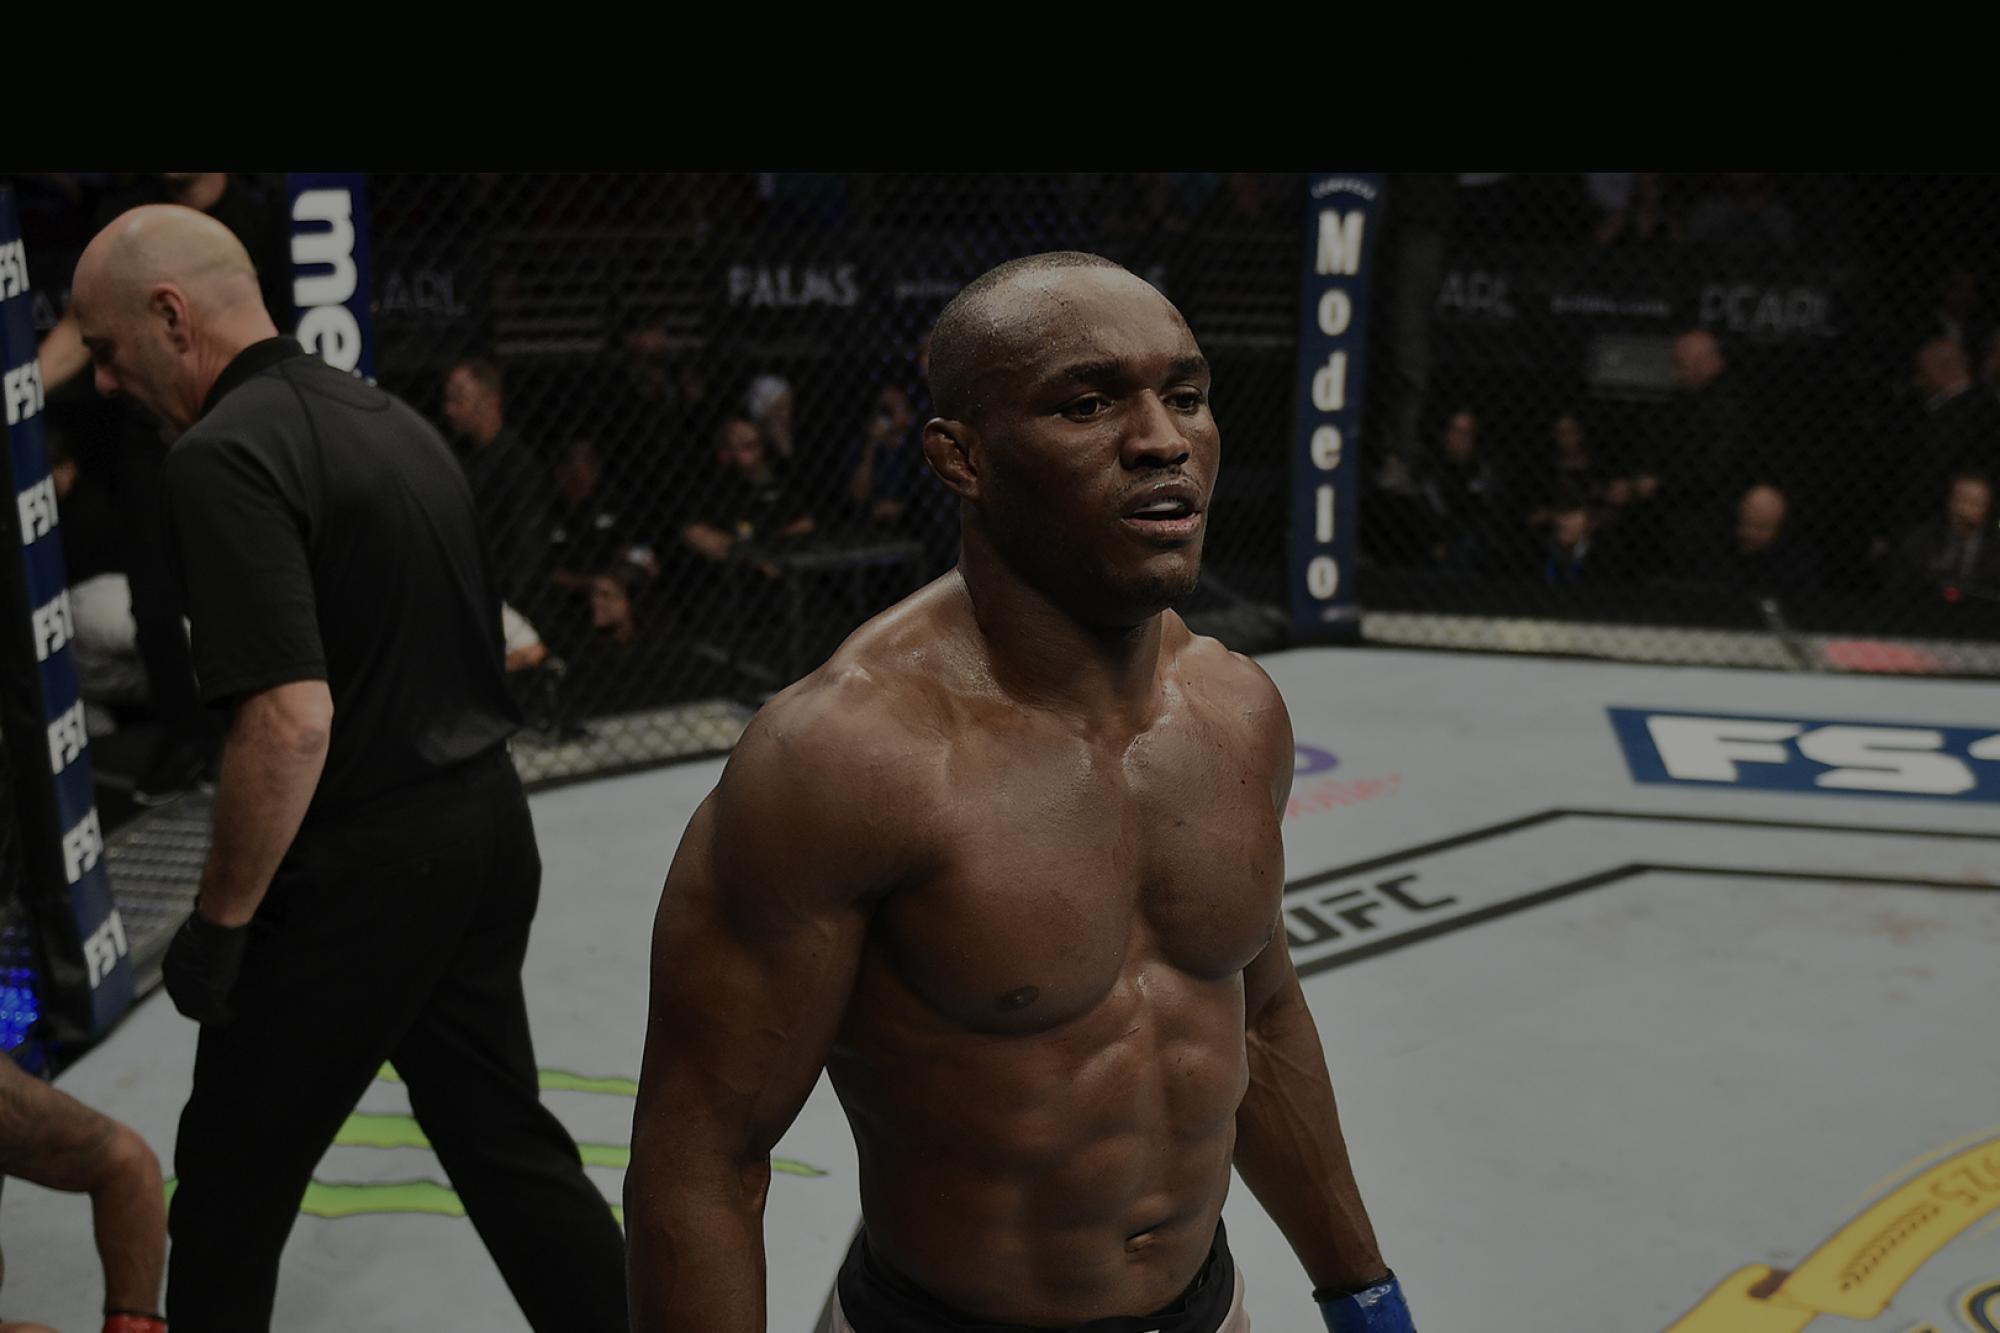 UFC 245 could feature Kamaru Usman vs Colby Covington as one of three headline bouts - Kamaru Usman